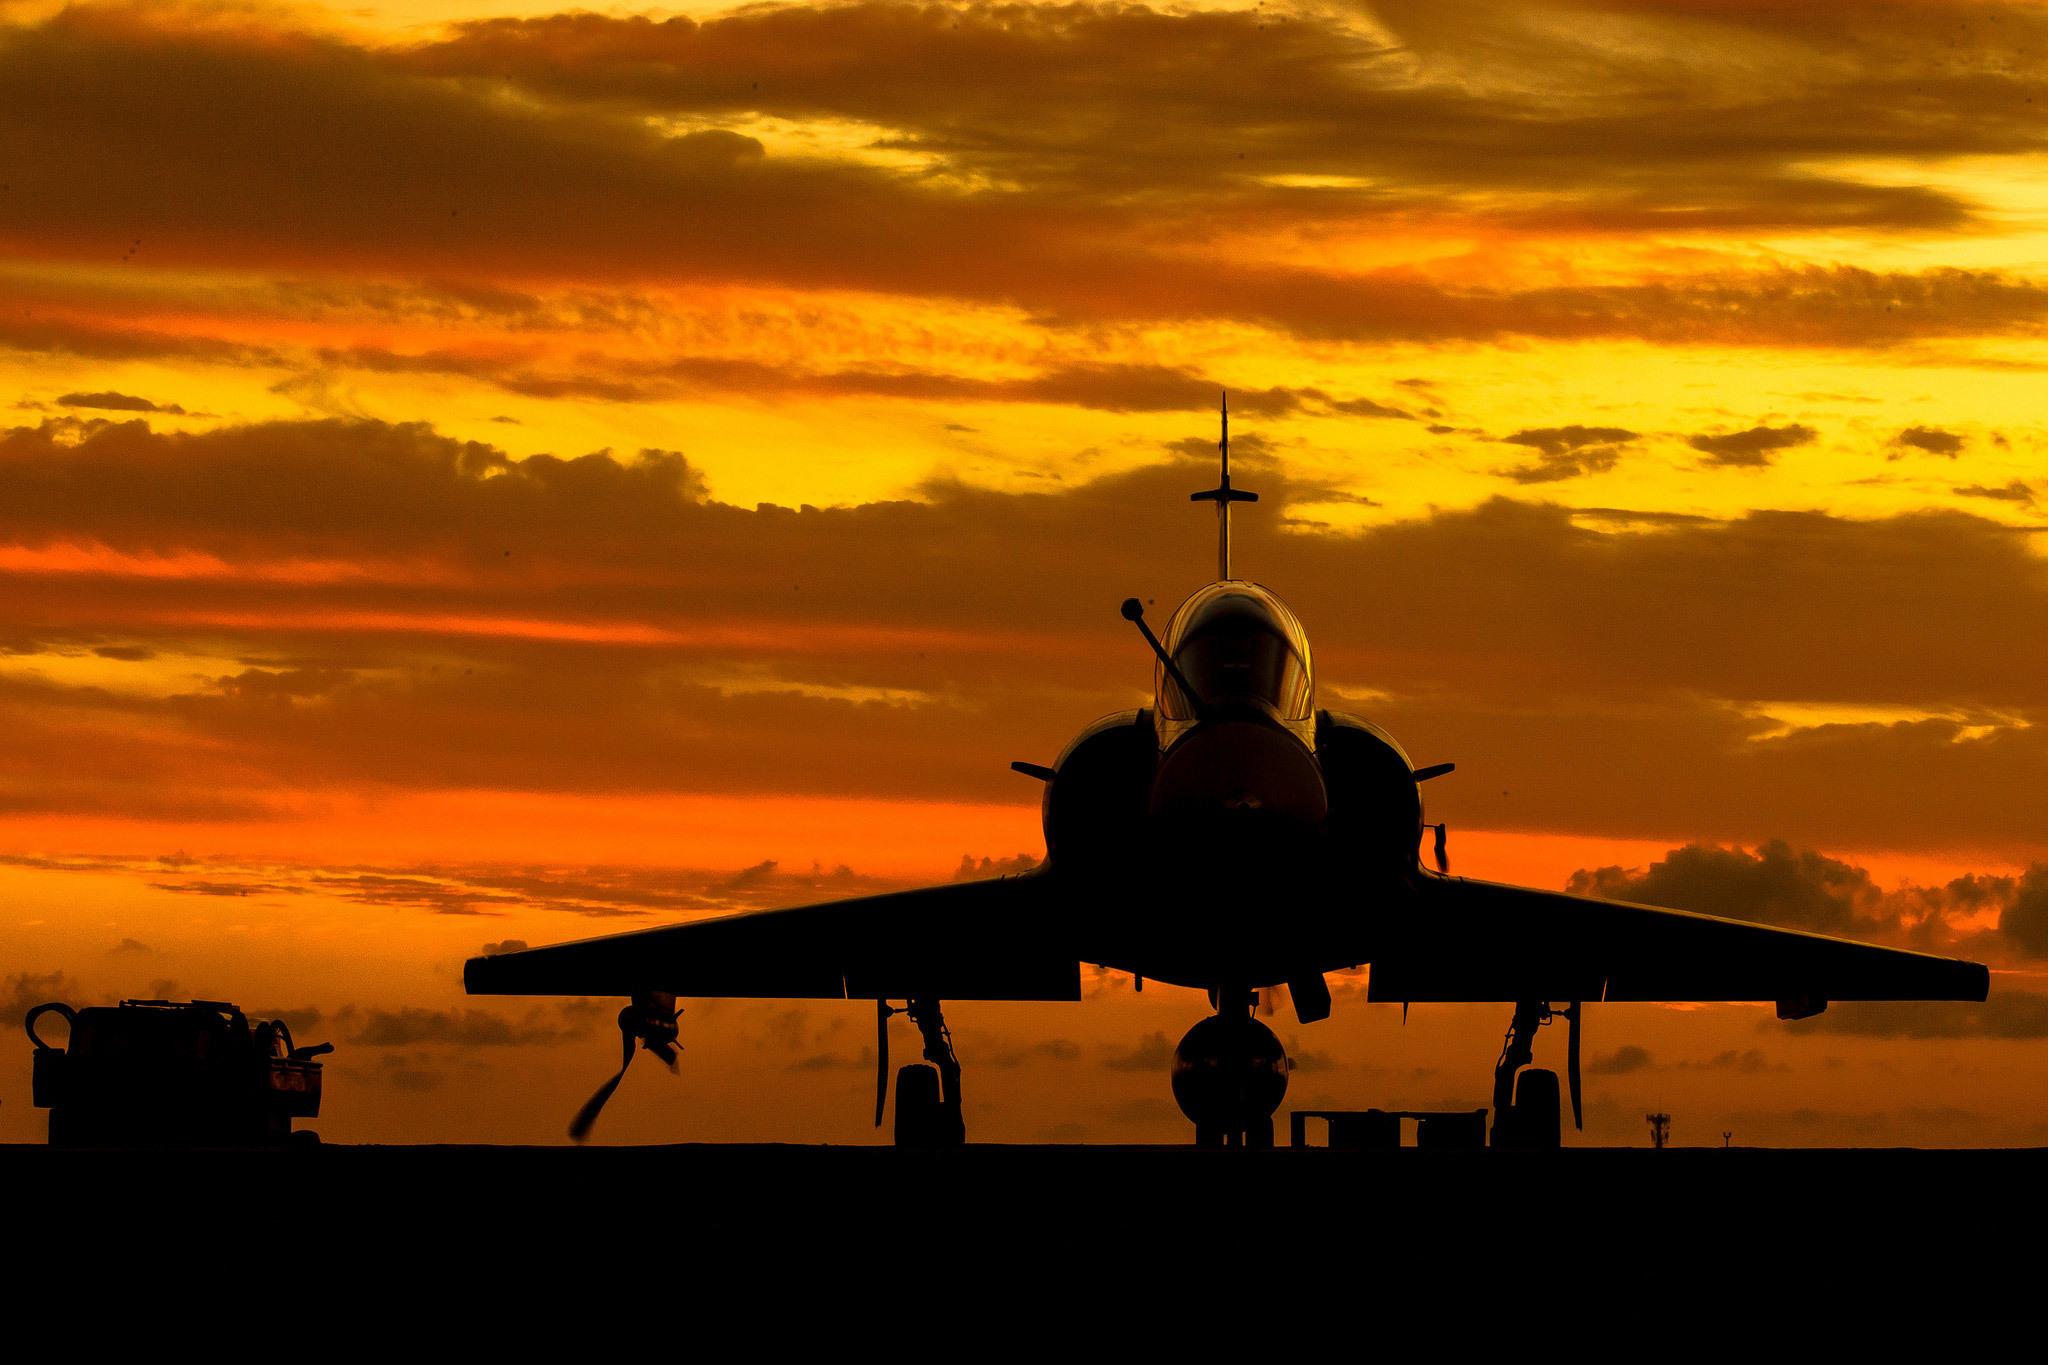 Dassault Mirage 2000 Fond D Ecran Hd Arriere Plan 2048x1365 Id 714752 Wallpaper Abyss